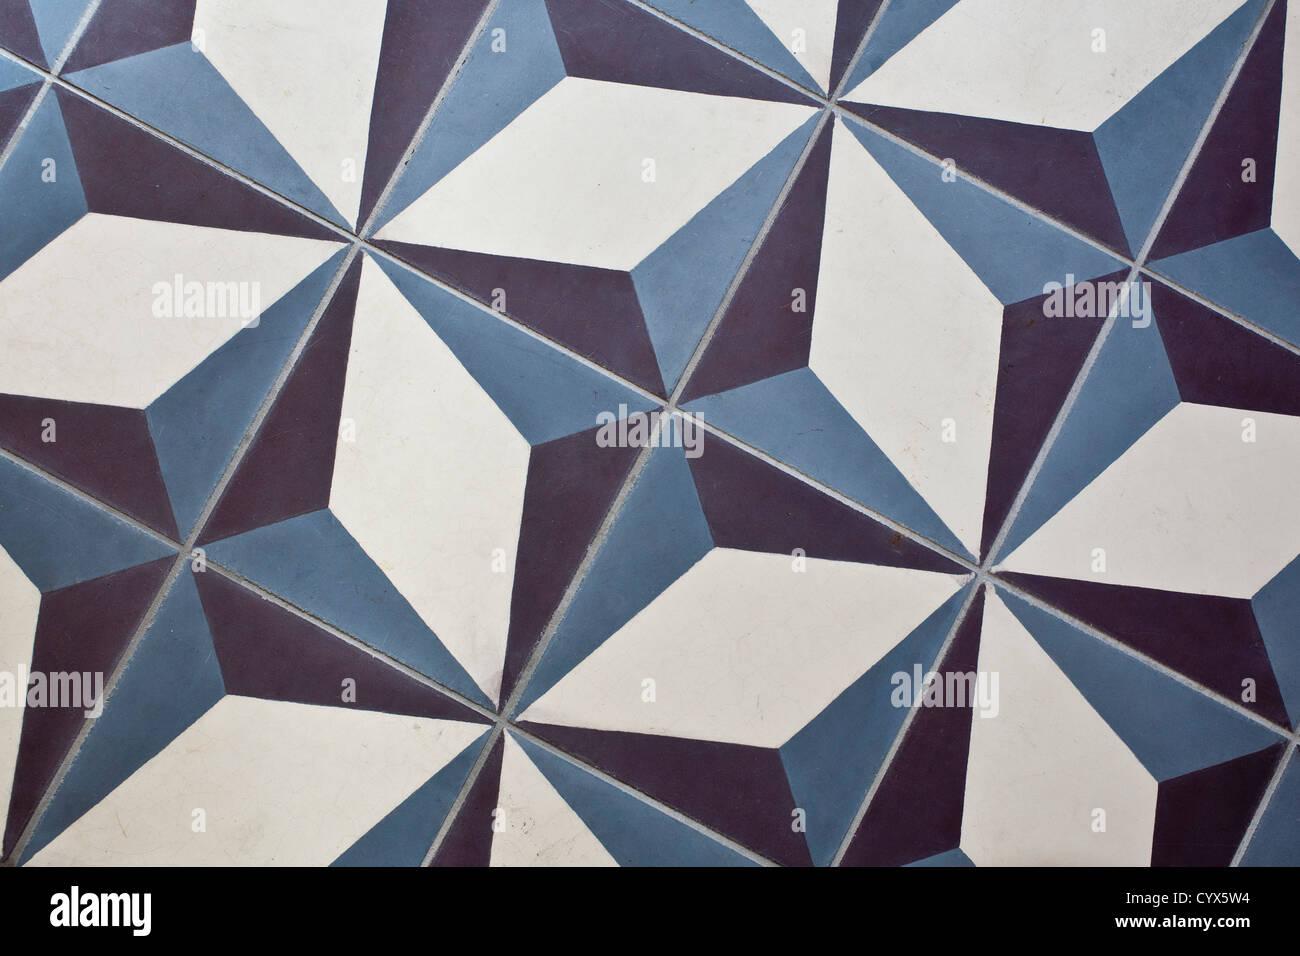 Kitchen floor with handpainted floor tiles. - Stock Image